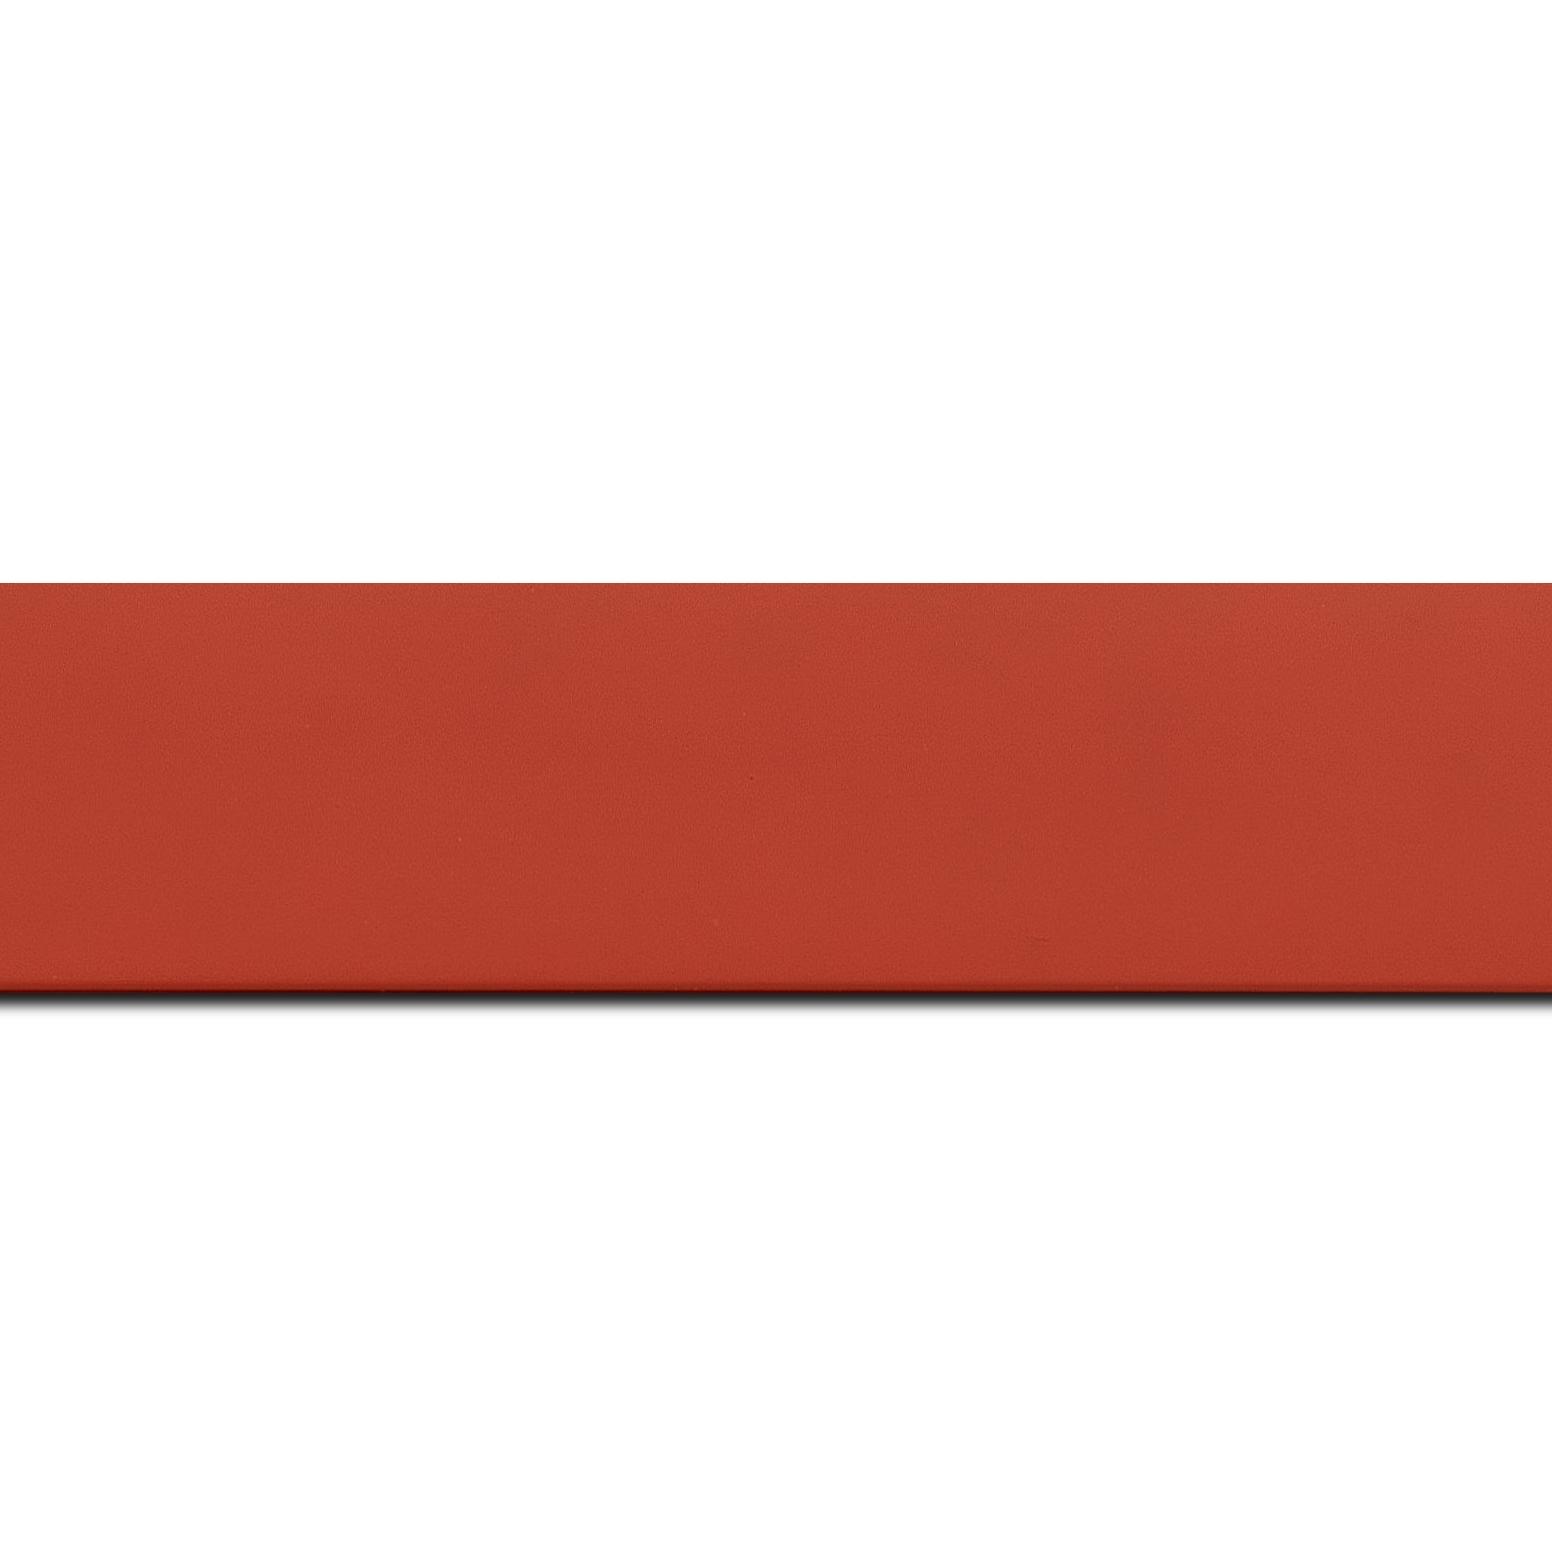 Baguette longueur 1.40m bois profil plat largeur 3.9cm couleur rouge mat